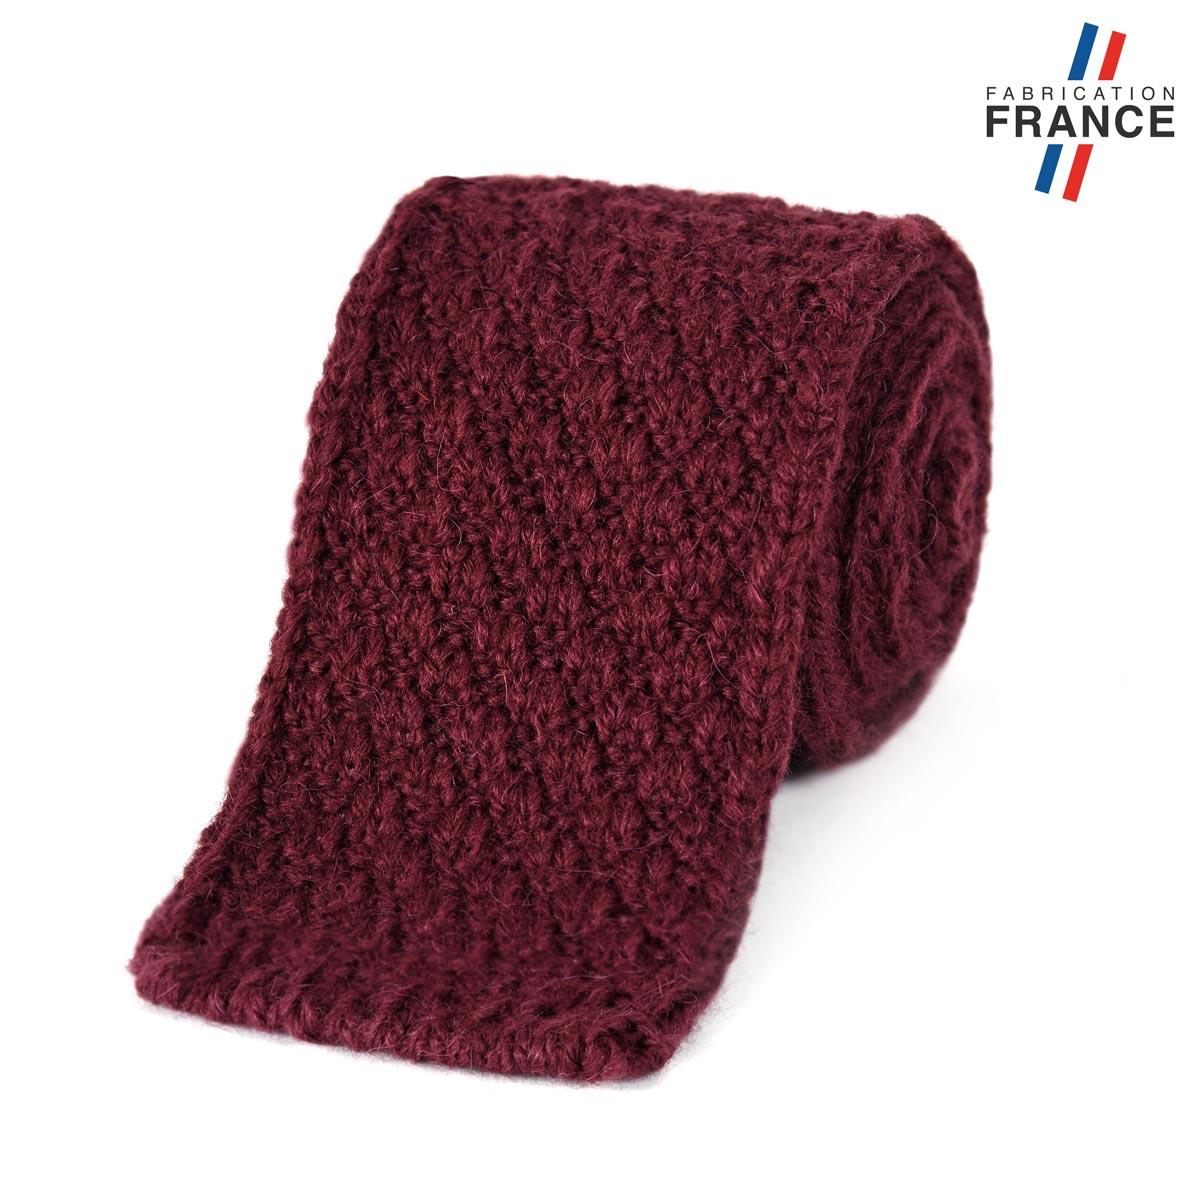 CV-00462_F12-1FR_Cravate-tricot-rouge-bordeaux-fabrication-francaise